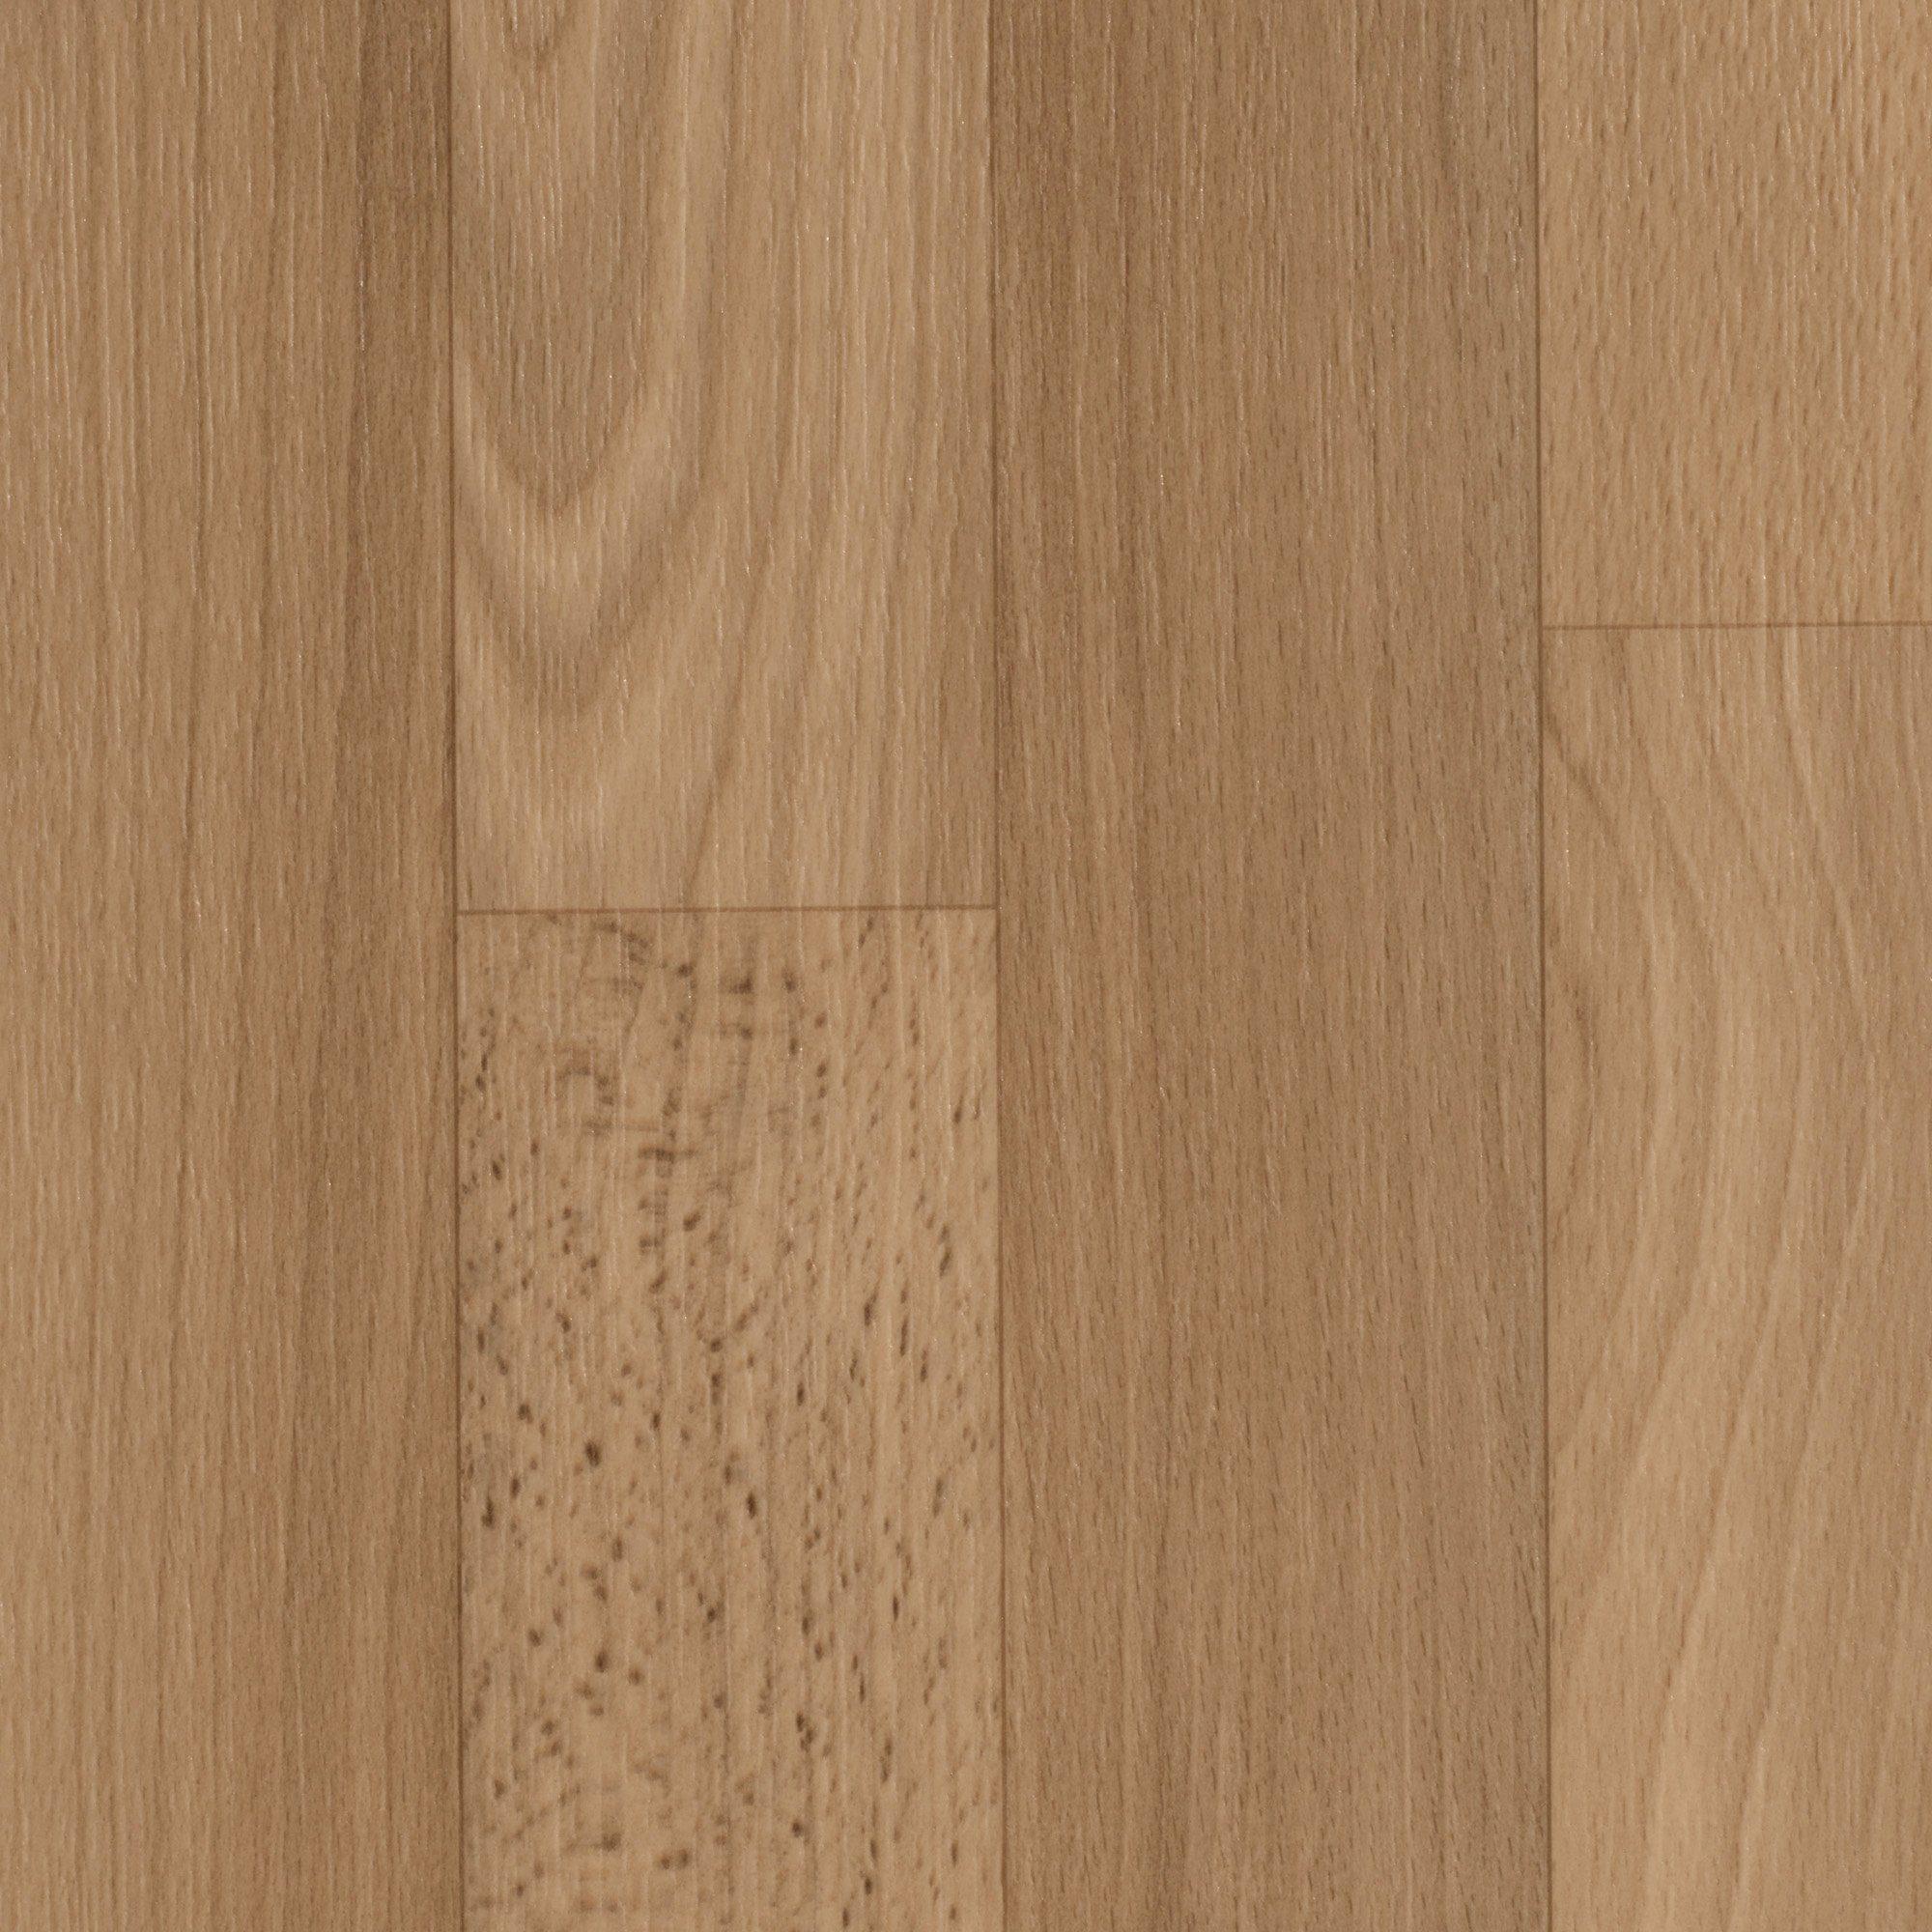 BODENMEISTER Vinylboden »Skagen«, Schiffsboden Buche, Breite 500 cm